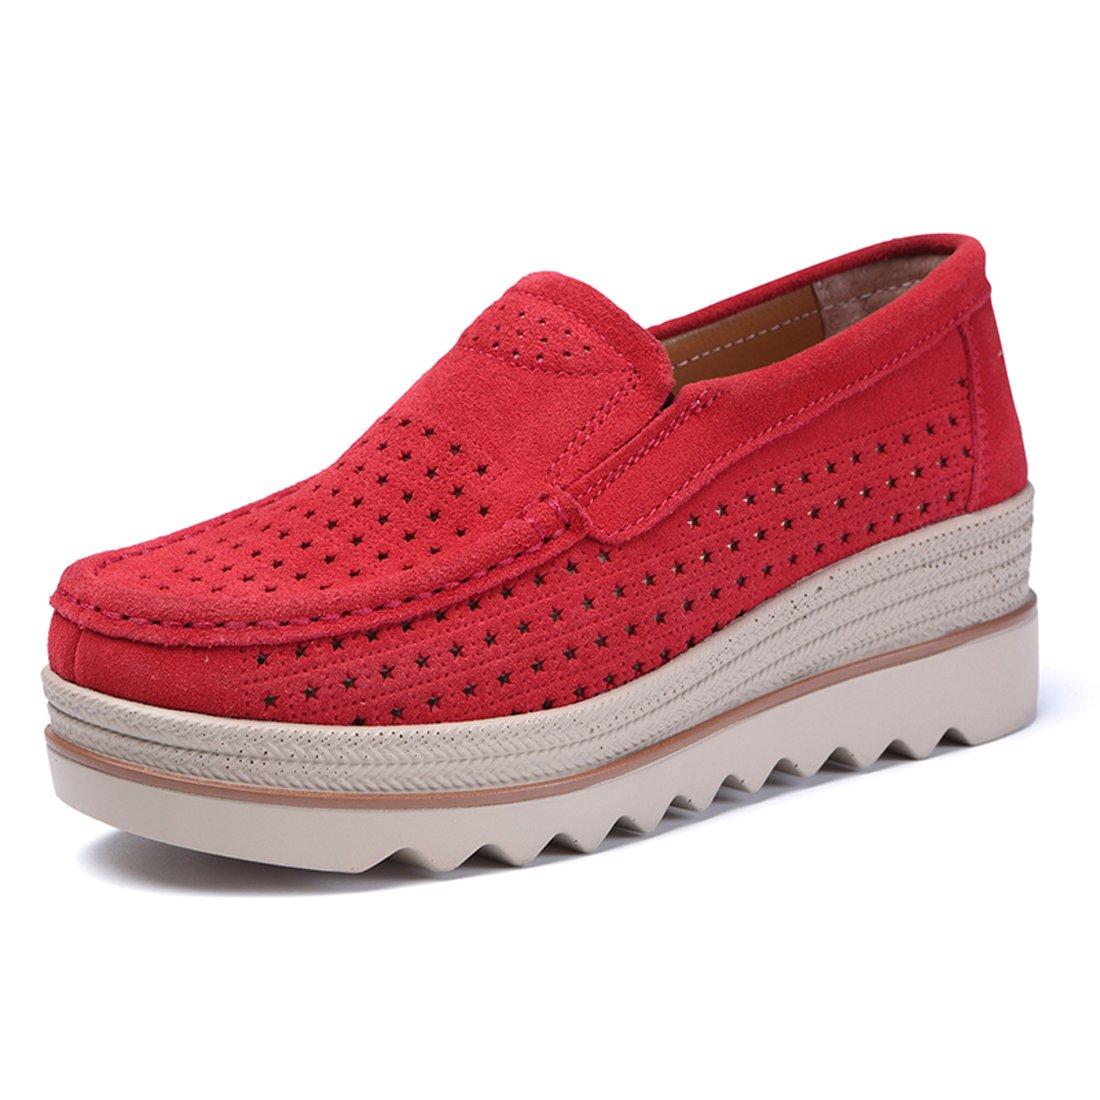 Z.SUO Mocassini Donna in Pelle Scamosciata Moda comode Loafers Scarpe da Guida Rosso.3